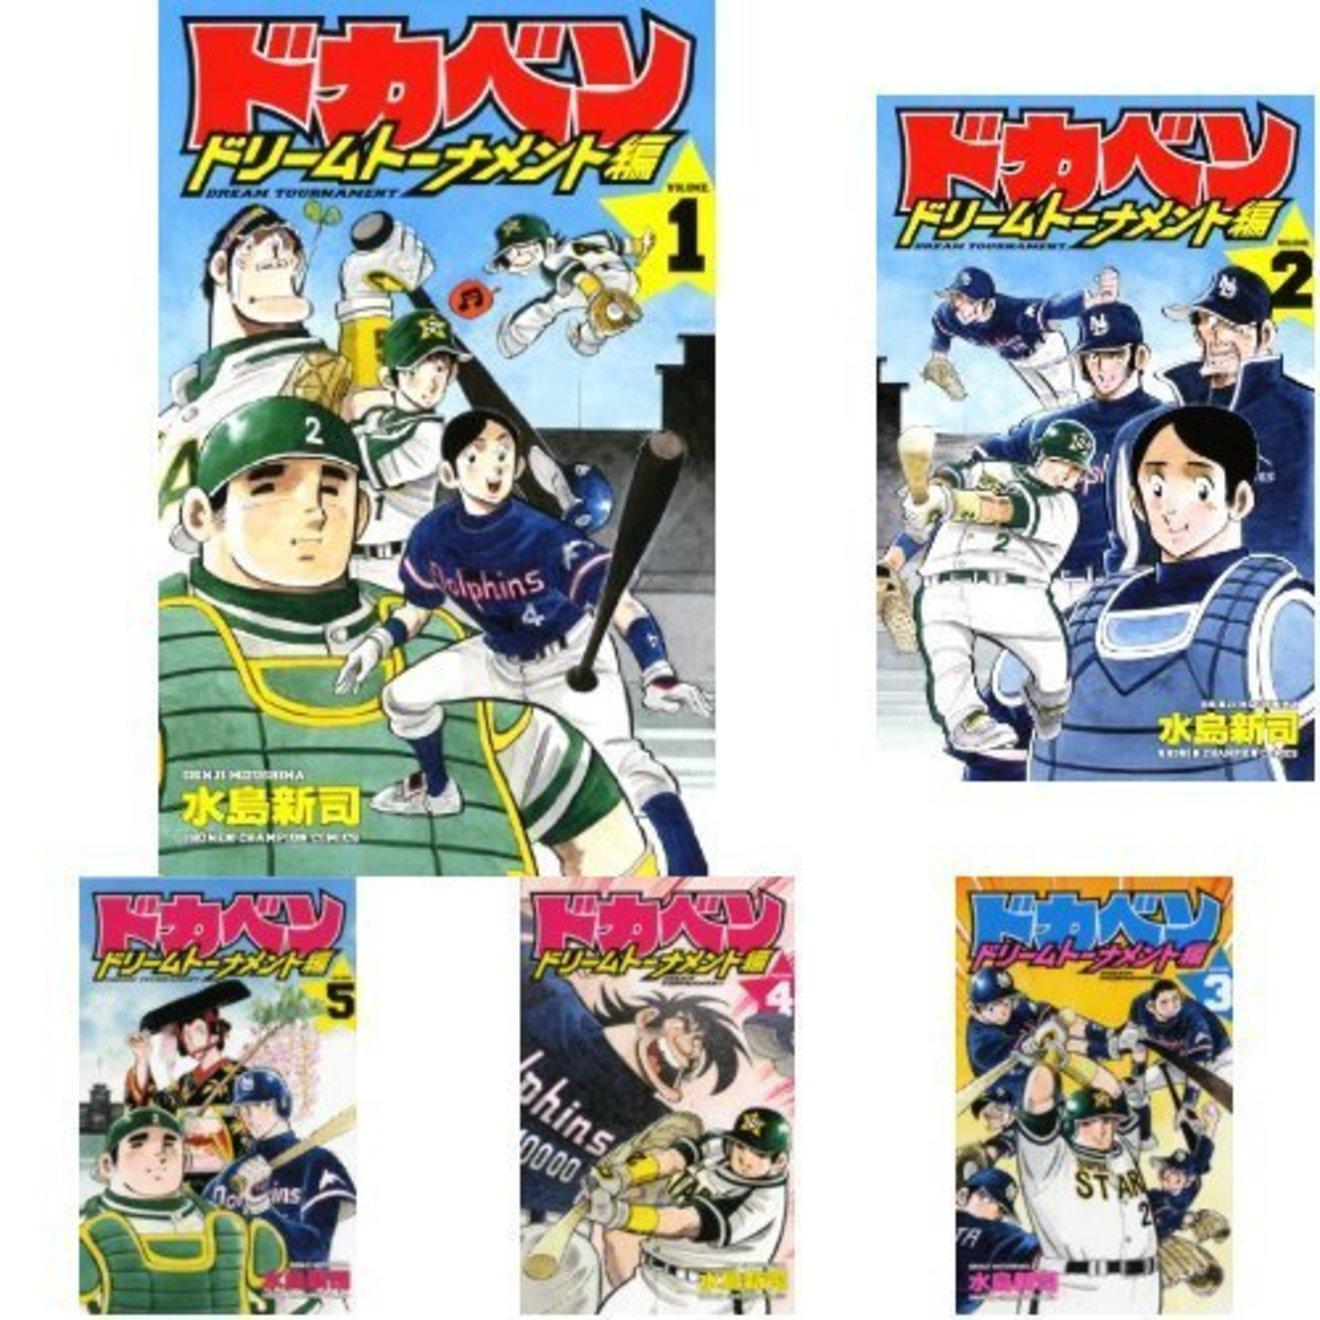 漫画「ドカベン」のキャラクターを31巻までネタバレ紹介!名言やモデルも!